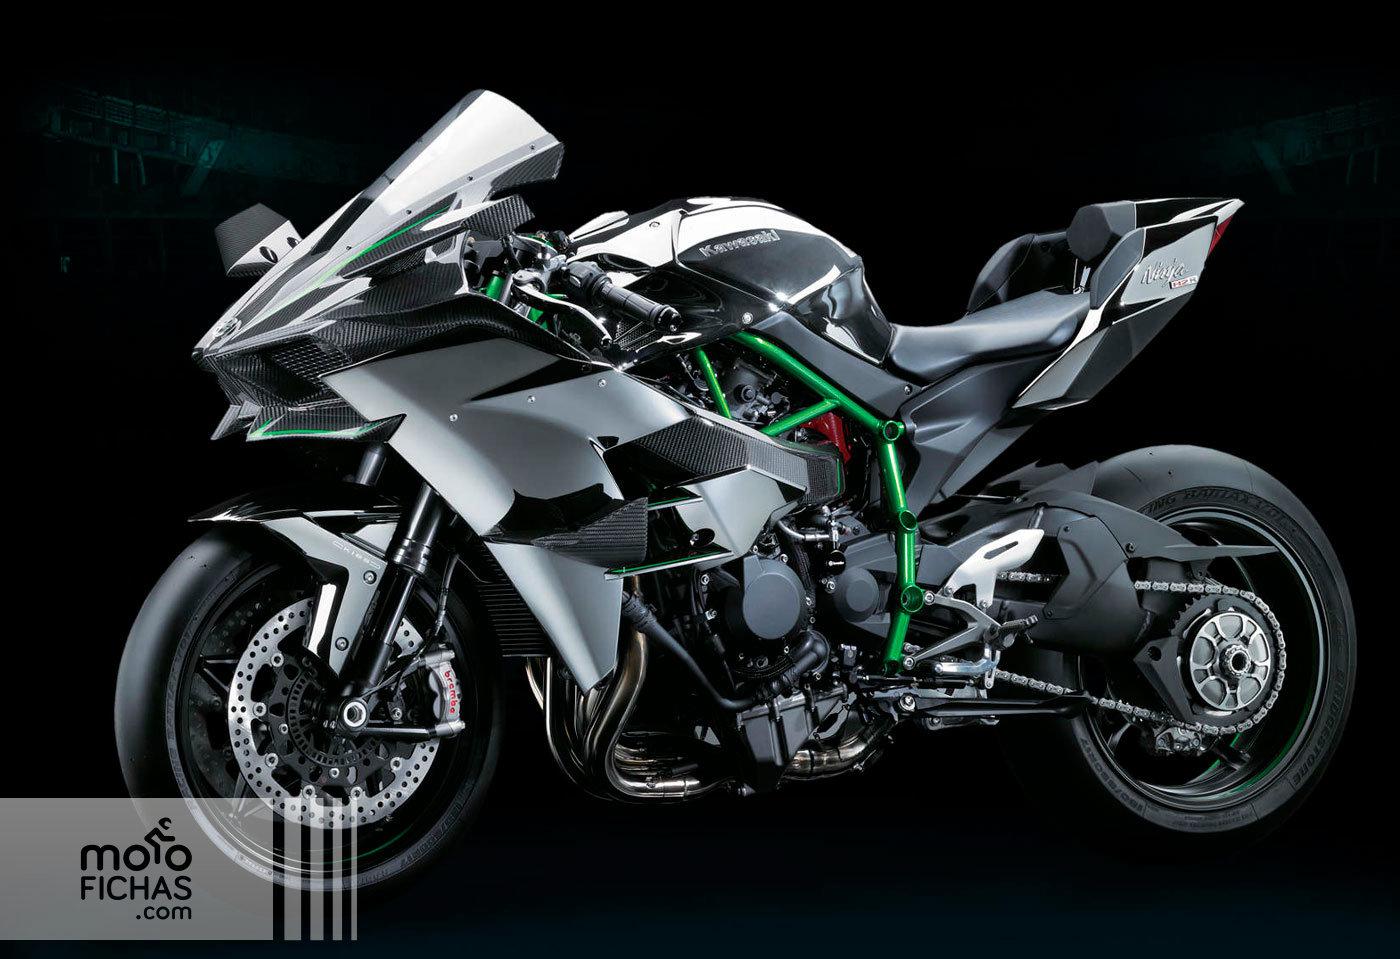 Kawasaki Ninja H2r 2015 2018 Precio Ficha Opiniones Y Ofertas